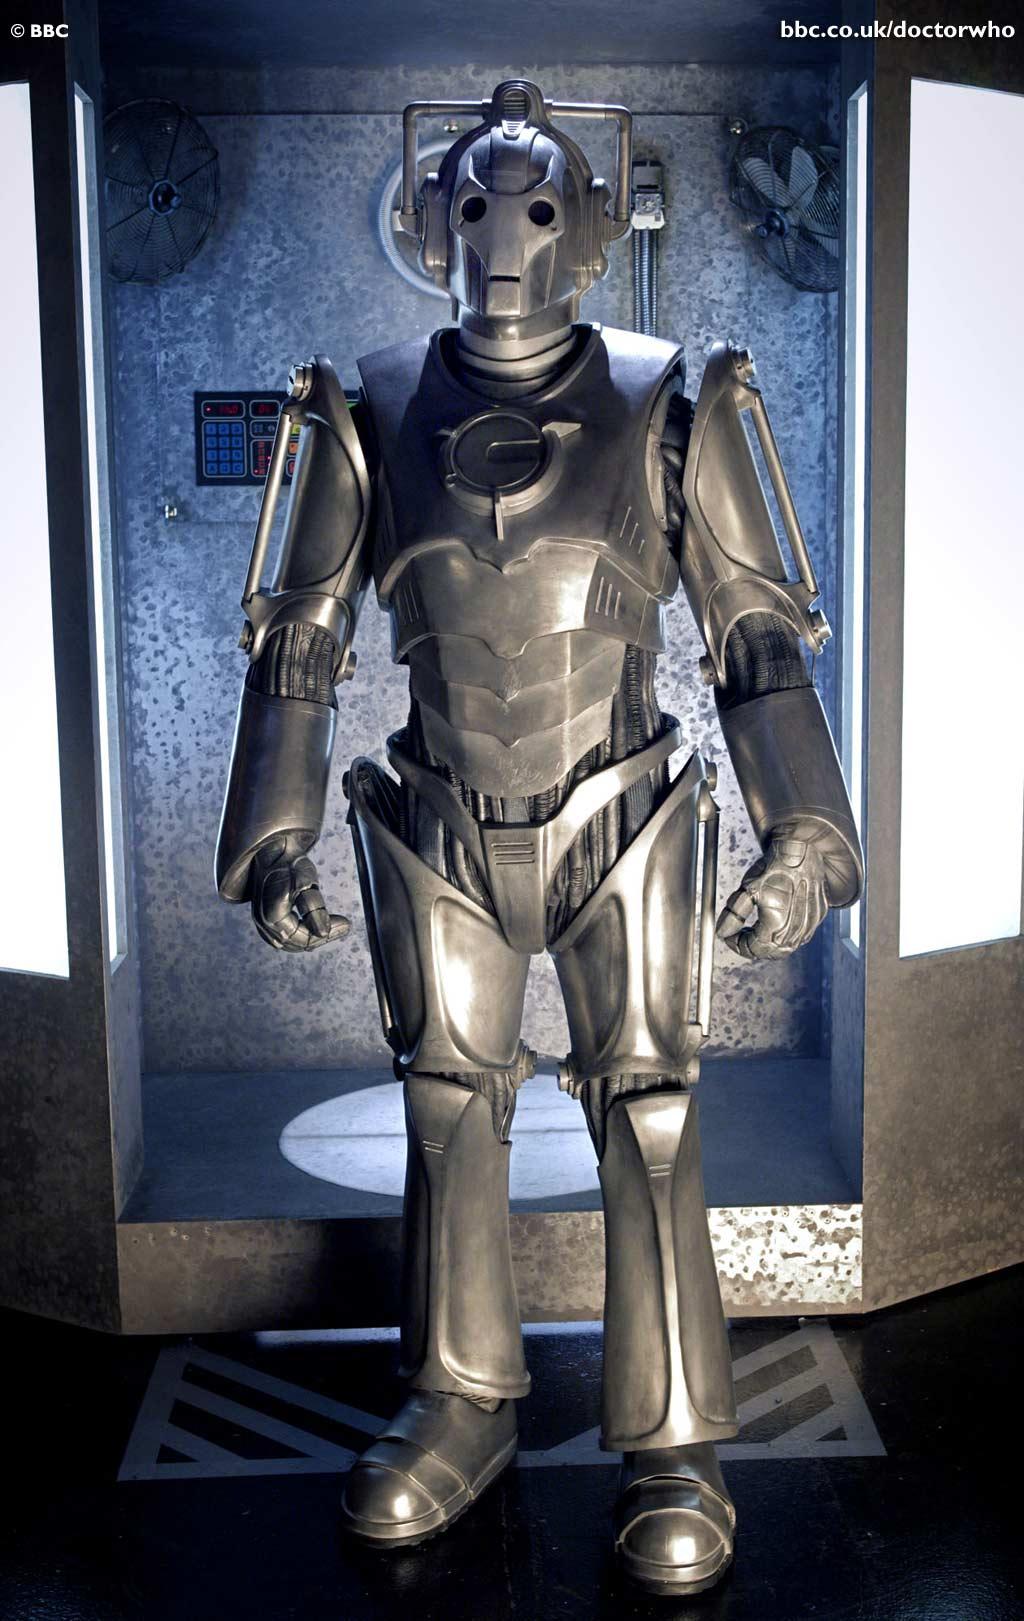 cyberman2006.jpg